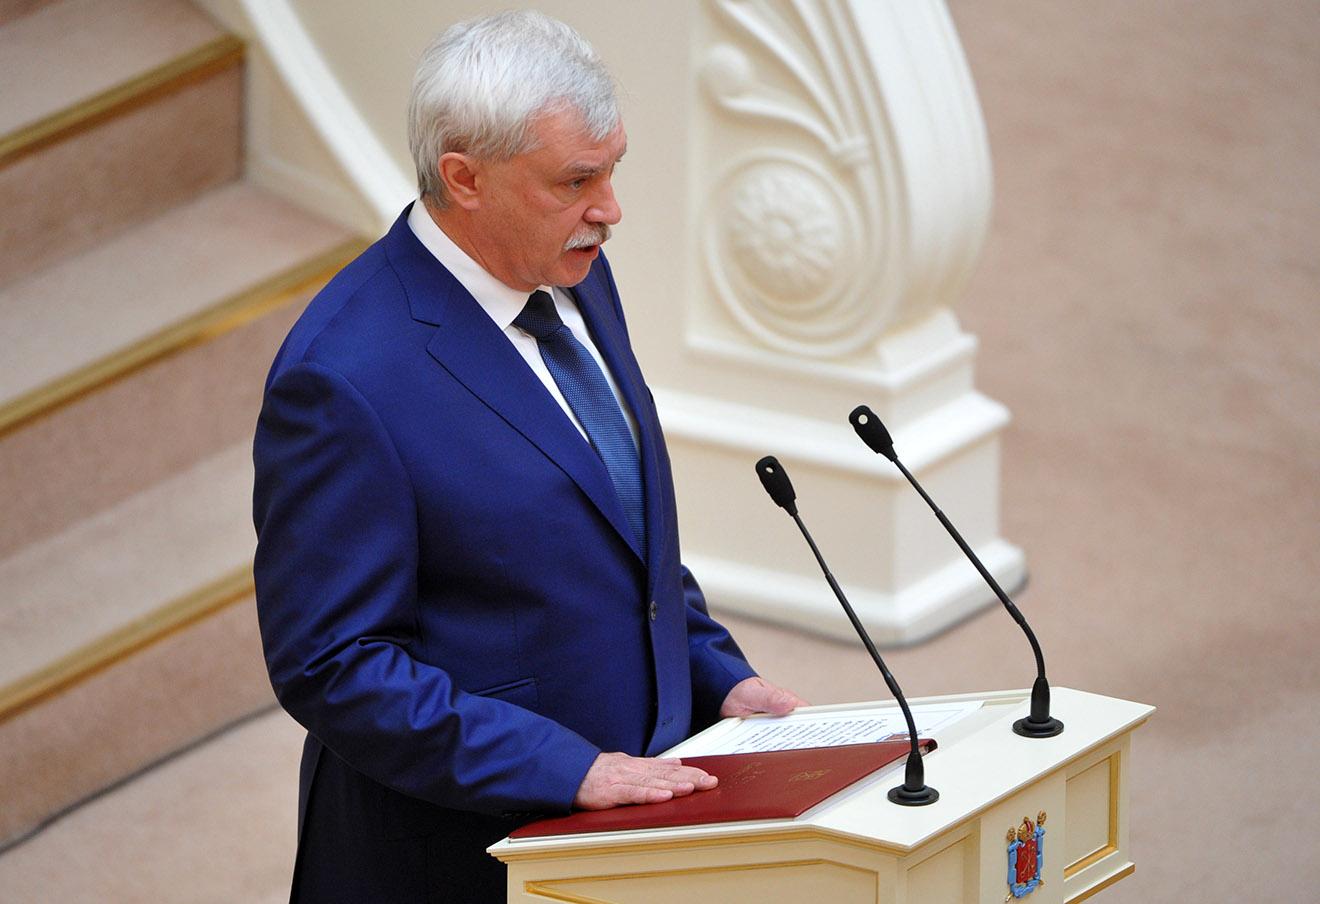 Переизбранный губернатор Санкт-Петербурга Георгий Полтавченко во время церемонии официального вступления в должность в зале Законодательного собрания Санкт-Петербурга, 2014 год.